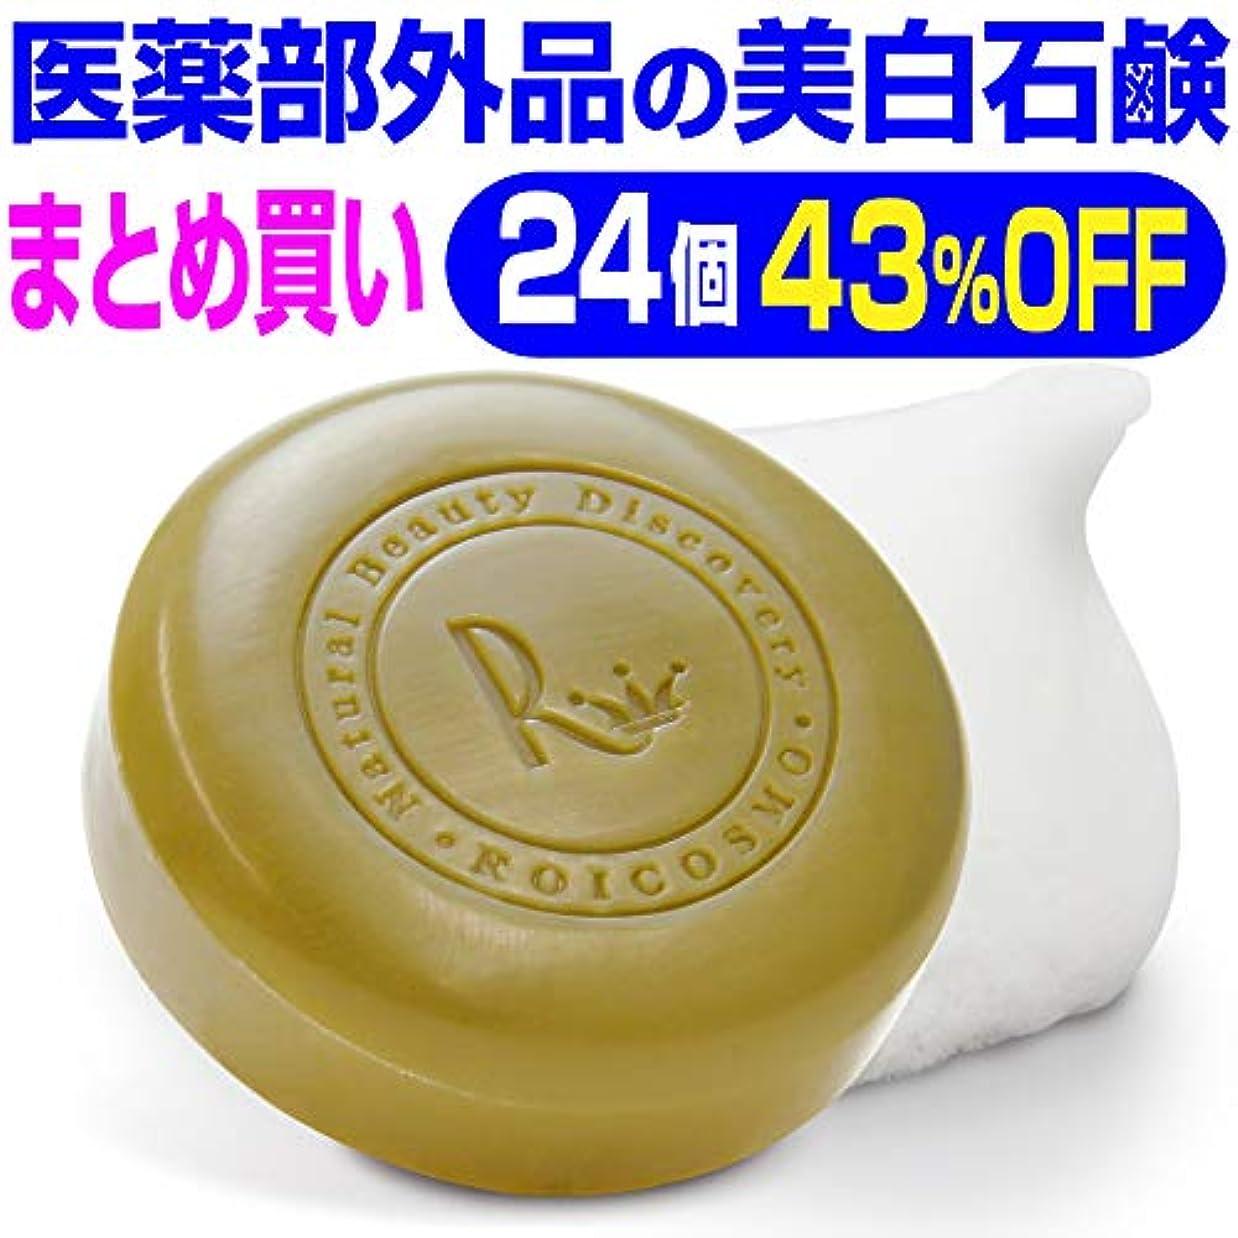 経験すでに王朝24個まとめ買い43%OFF 美白石鹸/ビタミンC270倍の美白成分配合の 洗顔石鹸『ホワイトソープ100g×24個』